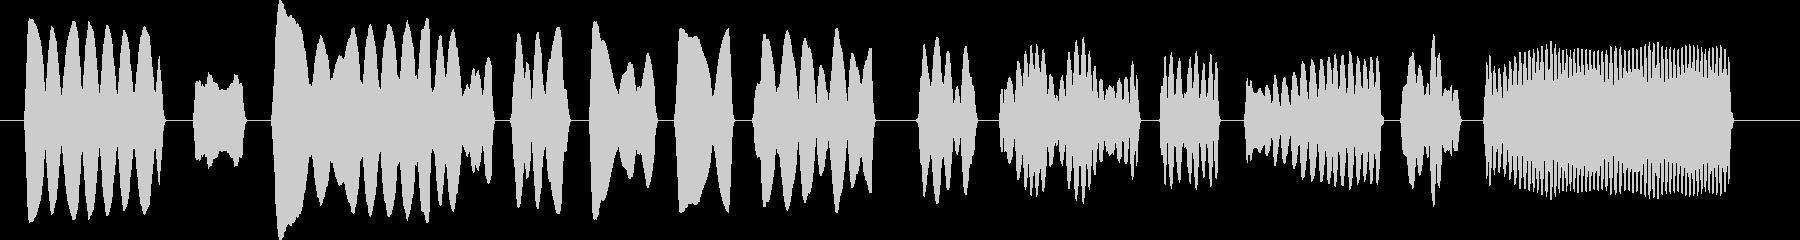 子守唄風ヘタウマリコーダーのみのジングルの未再生の波形